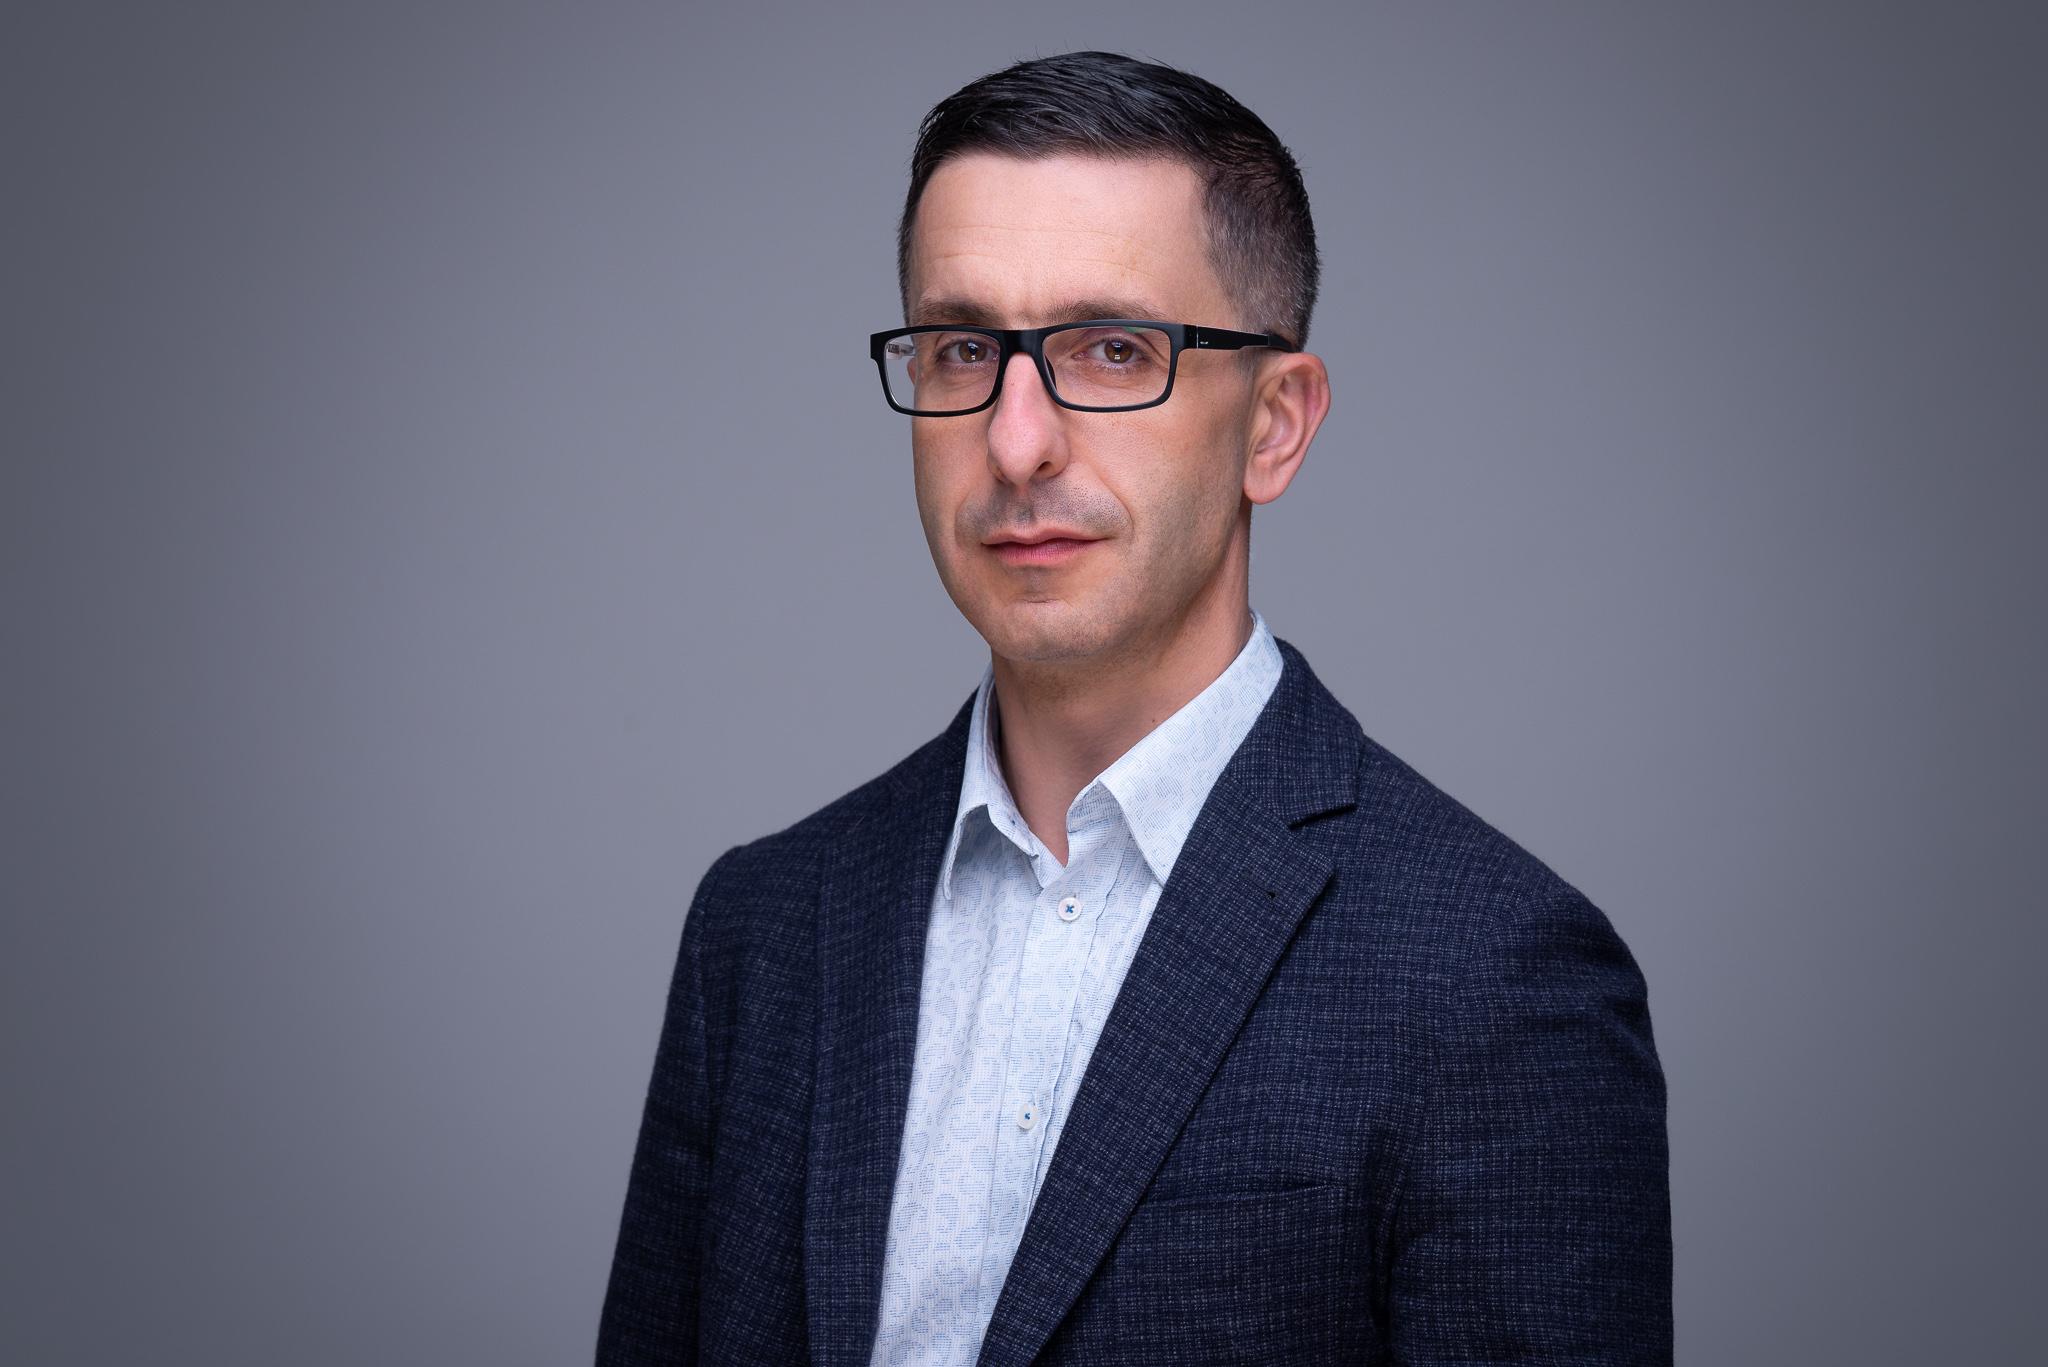 Tomasz K Wojdacz